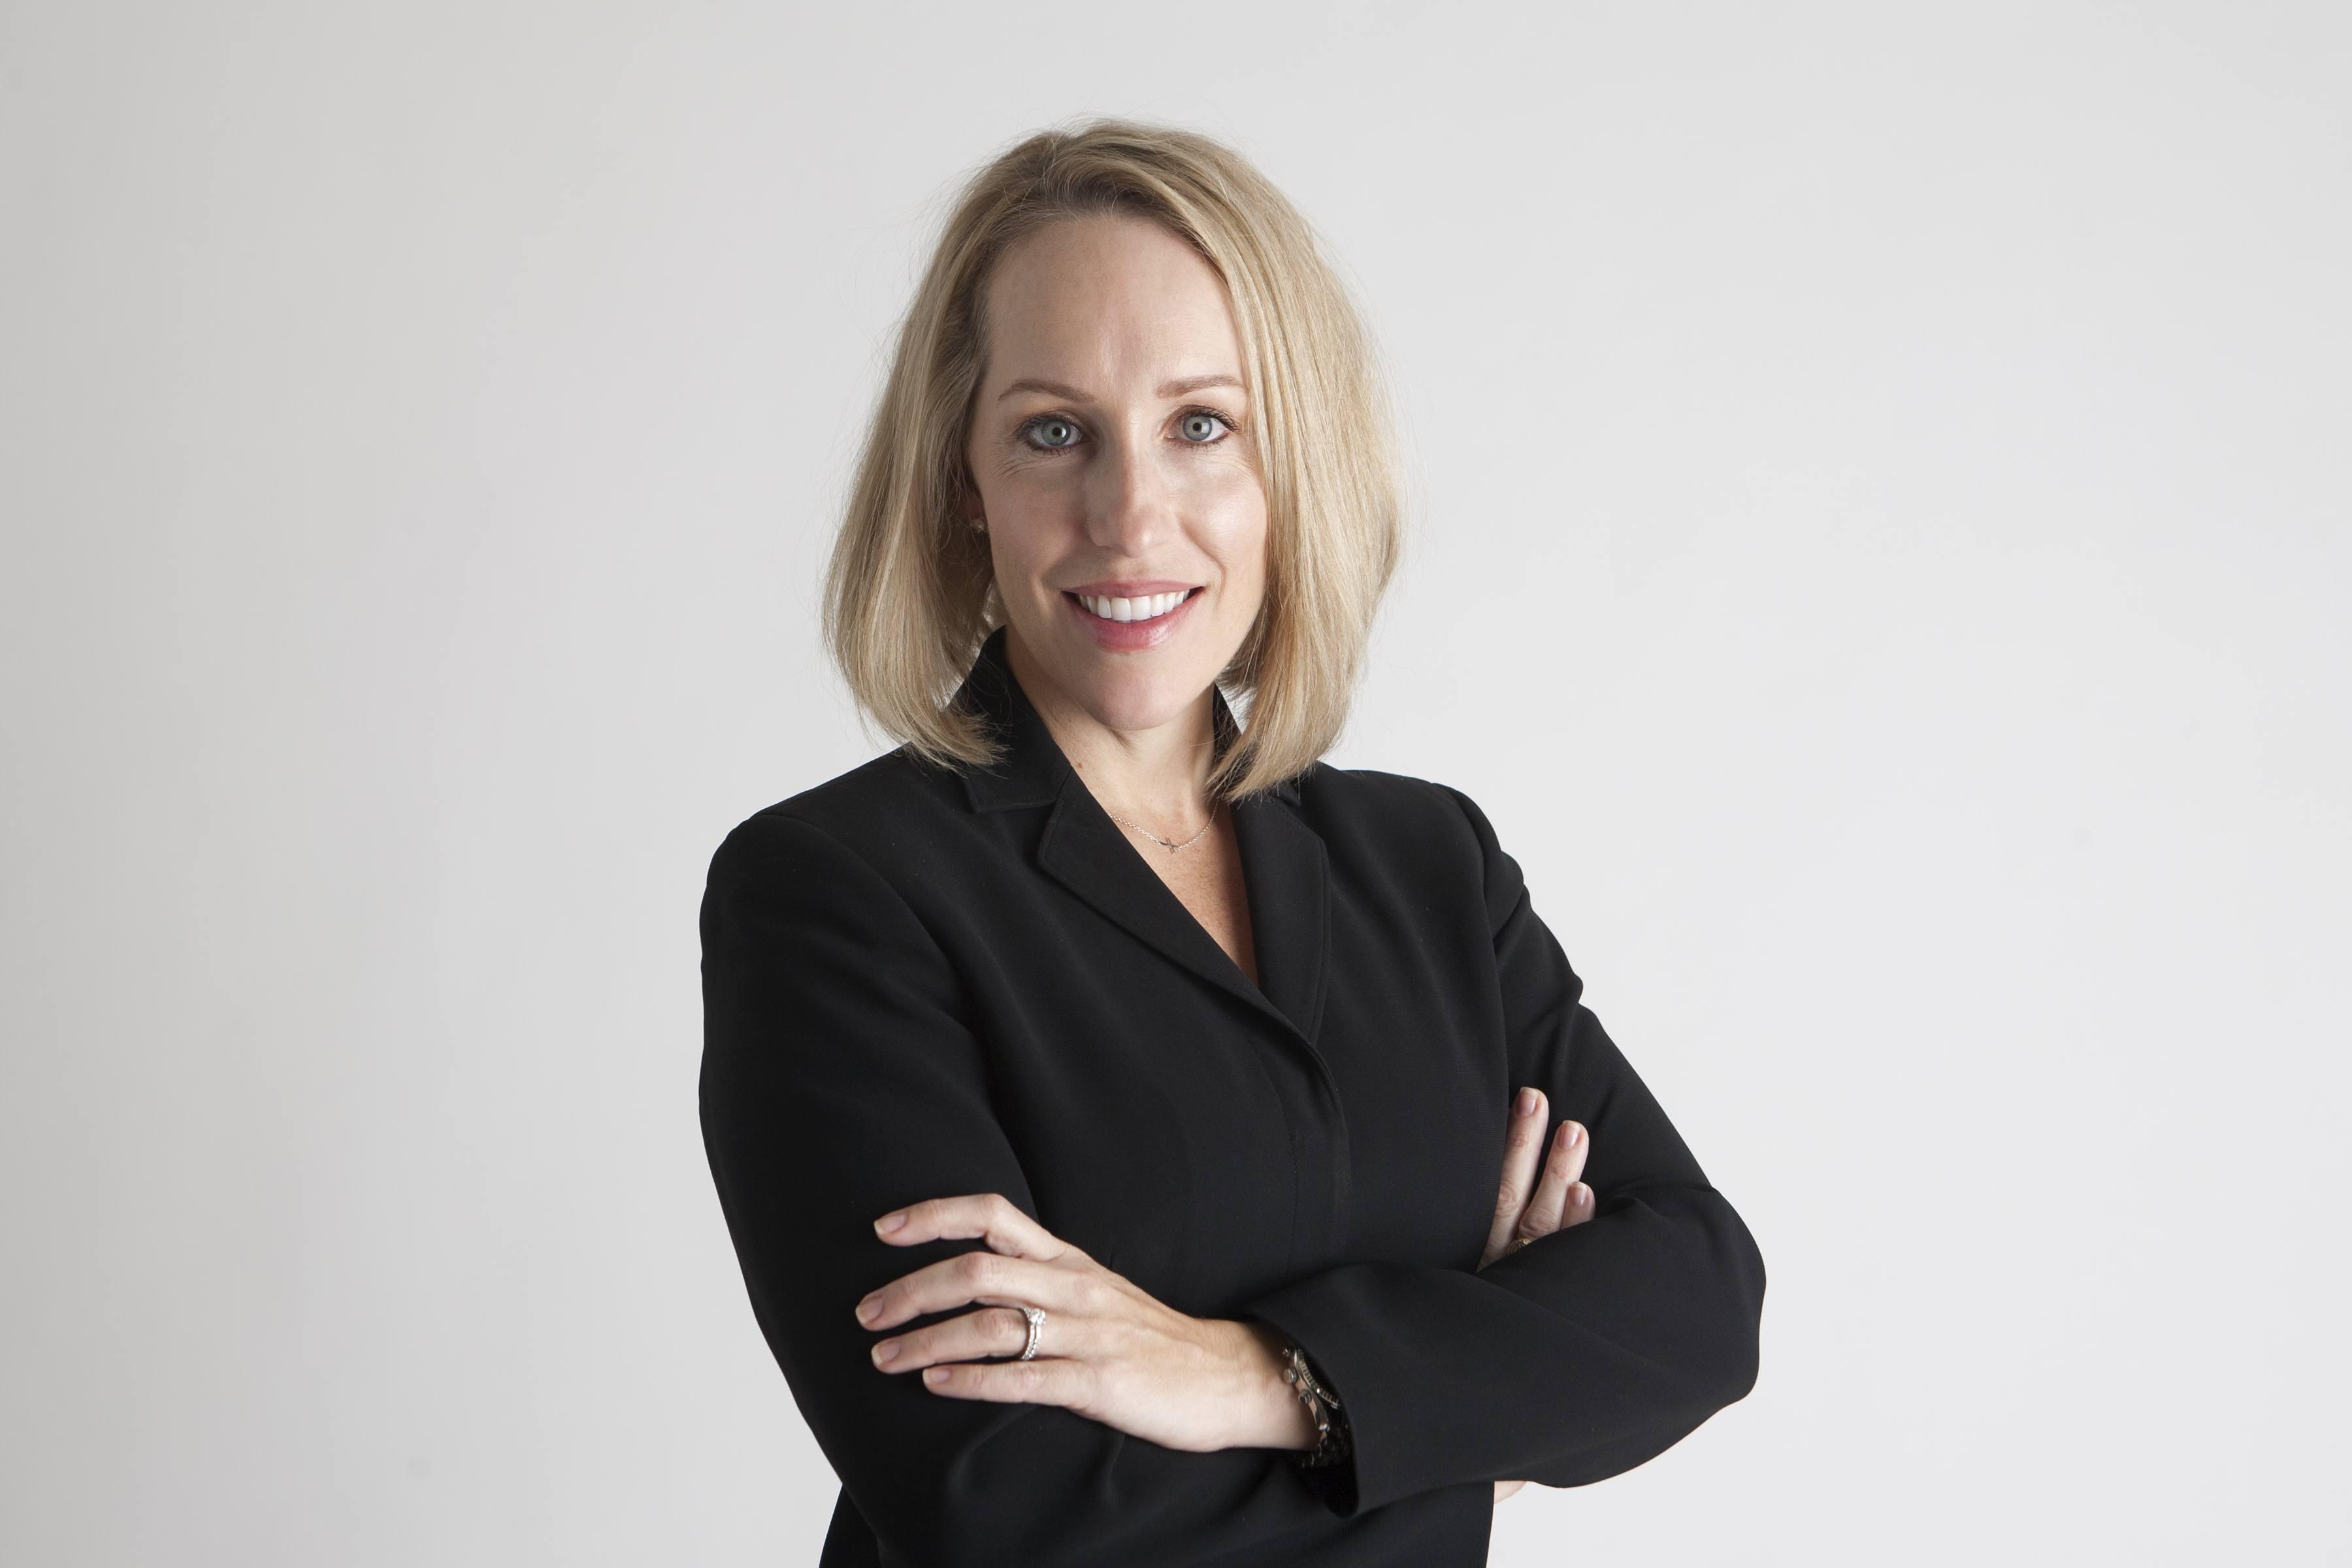 Leslie Buratti